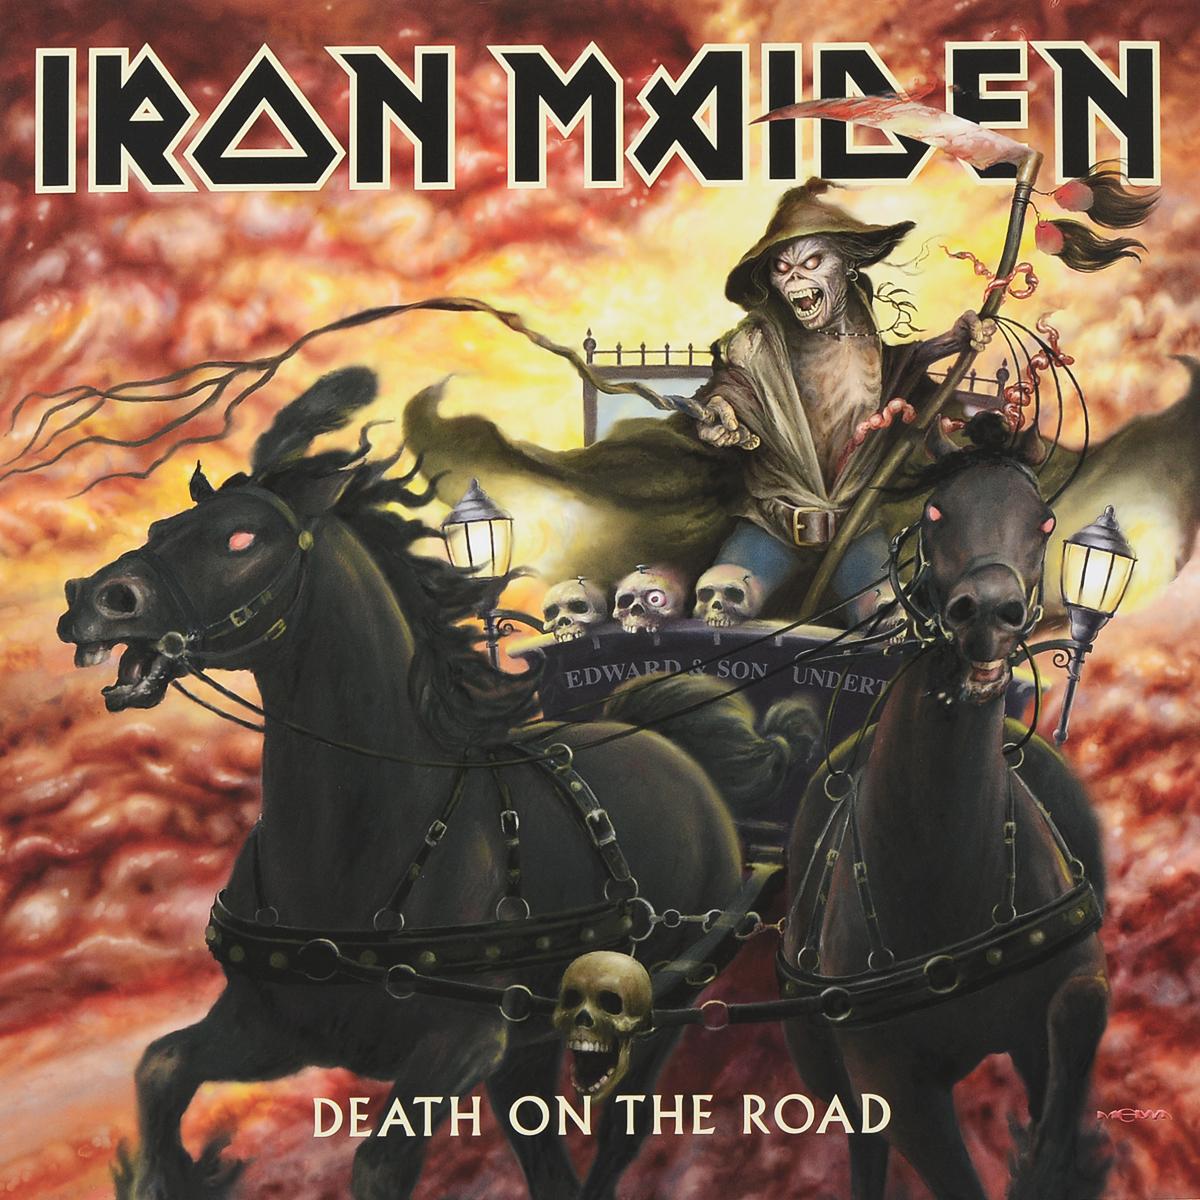 """""""Iron Maiden"""" Iron Maiden. Death On The Road (2 LP)"""